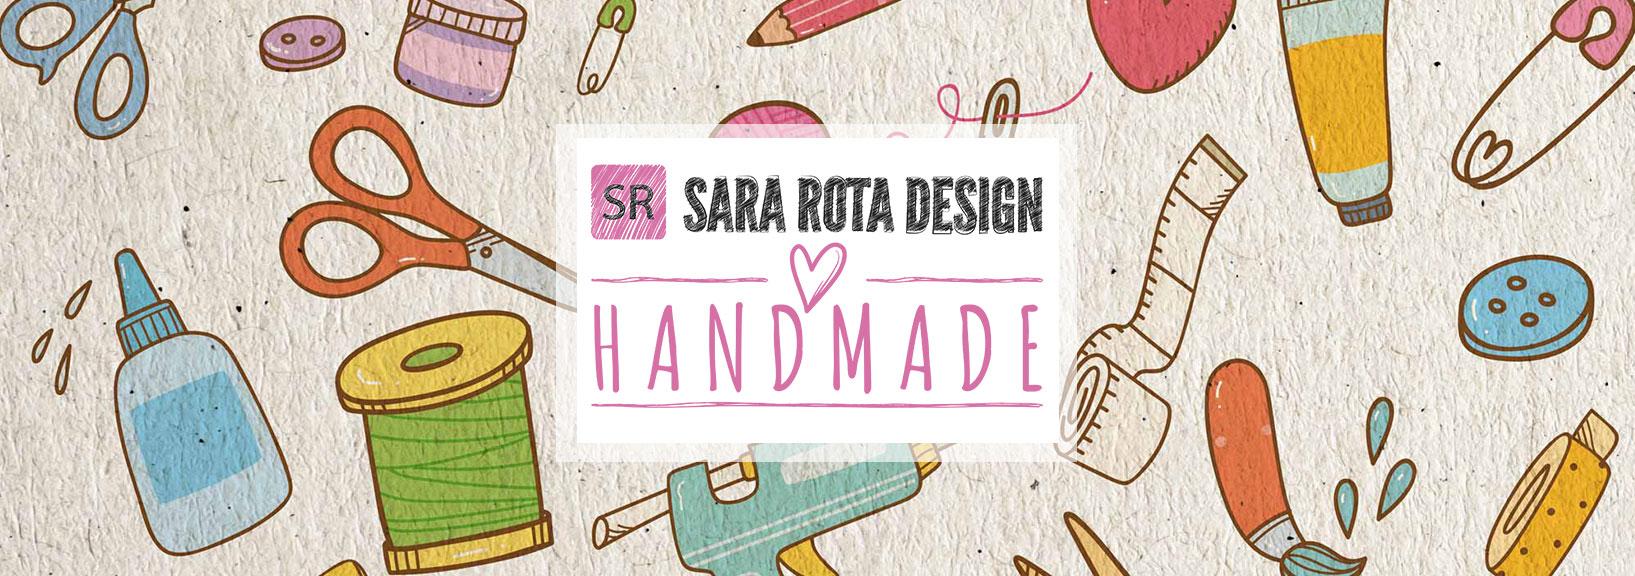 sara-rota-design-handmadee